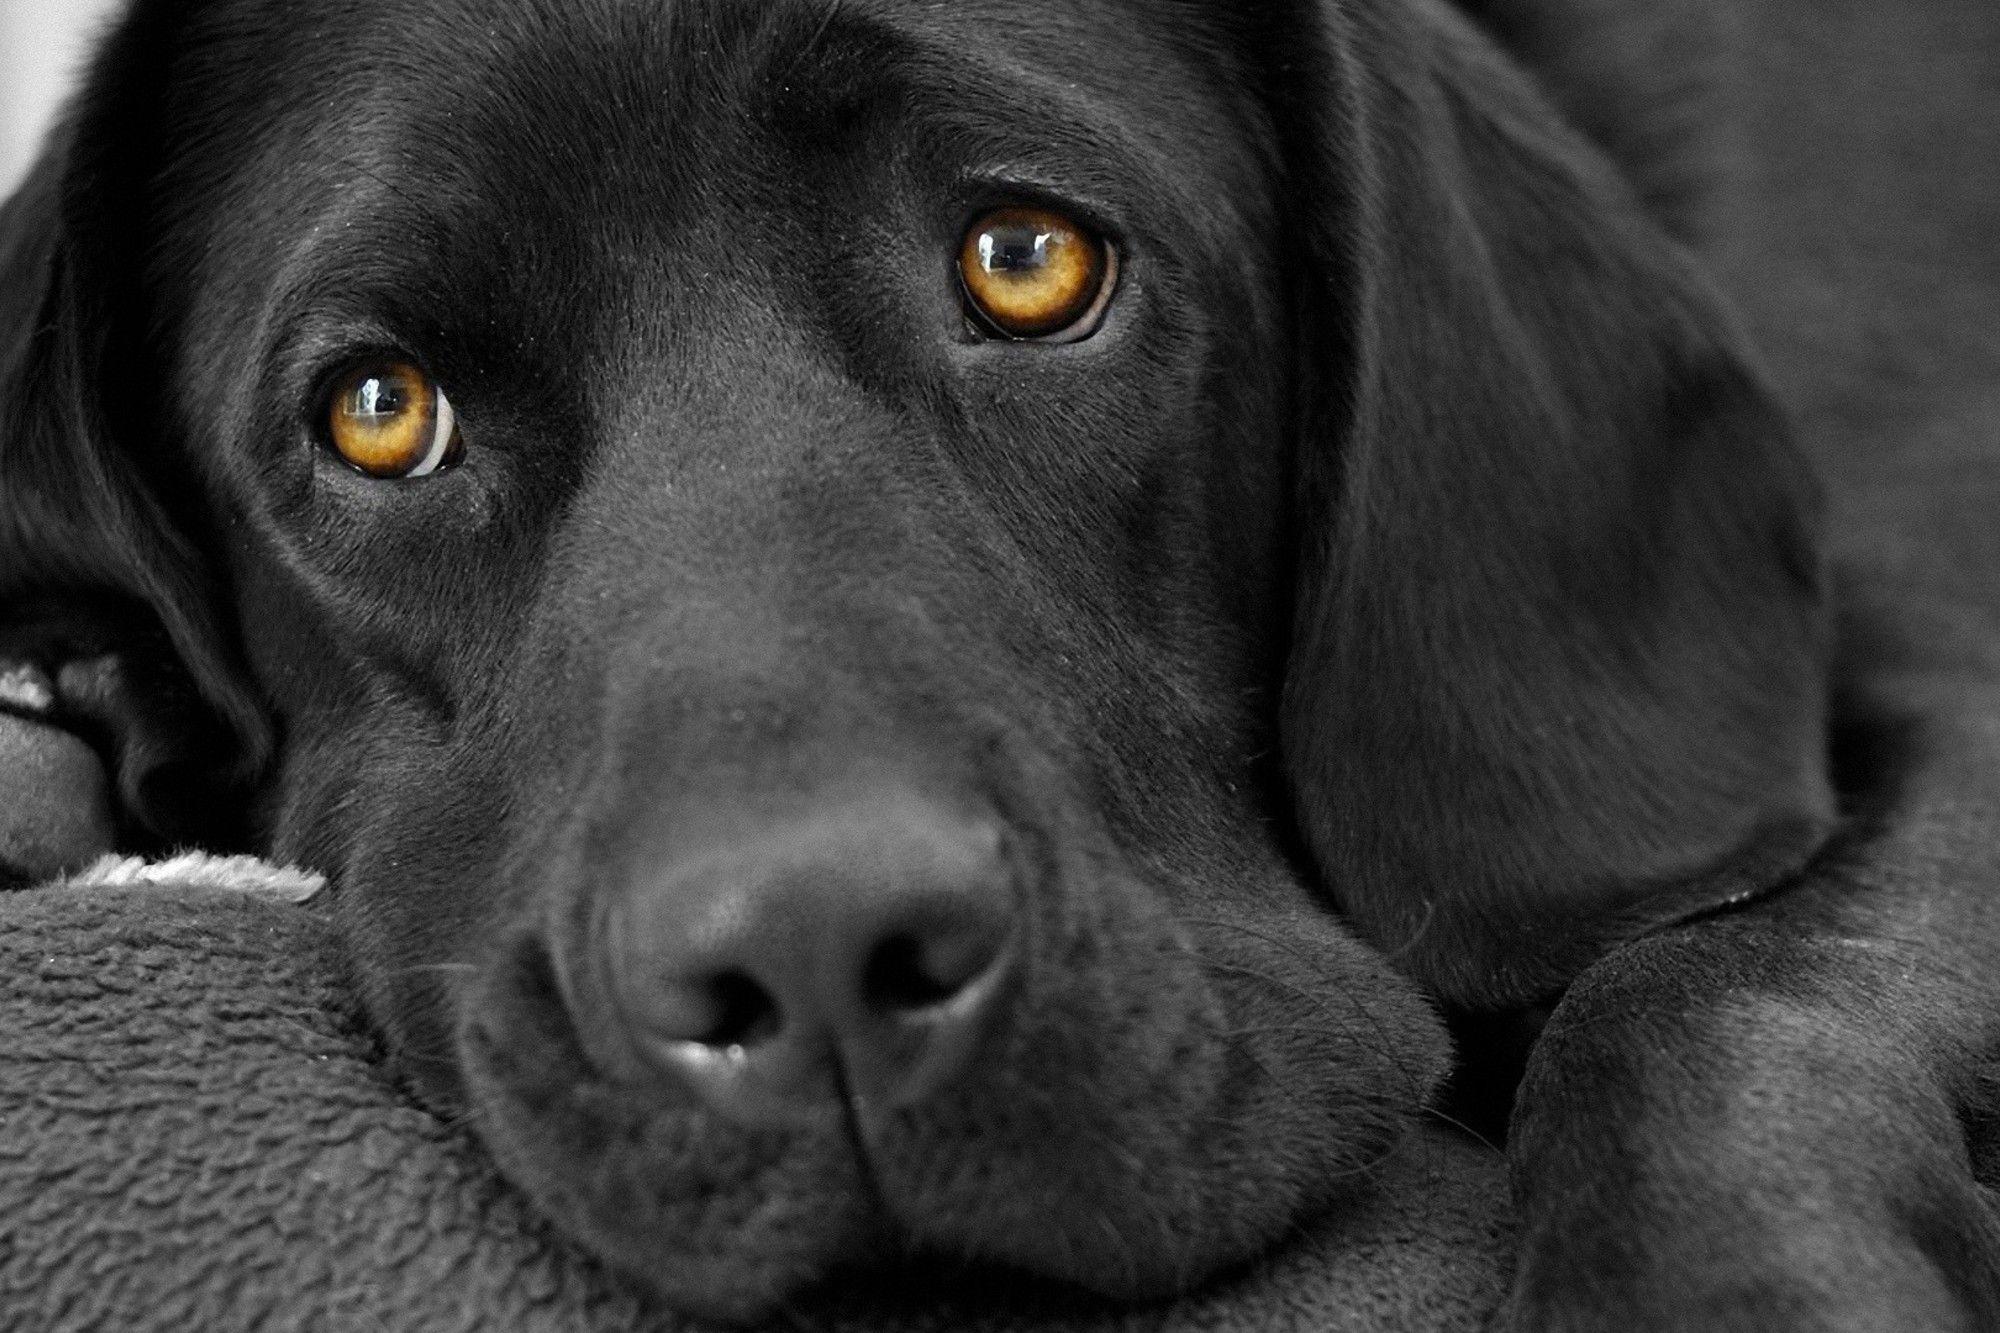 Hình nền chó đen trắng 2000x1333 Độ nét cao là hình nền 4K